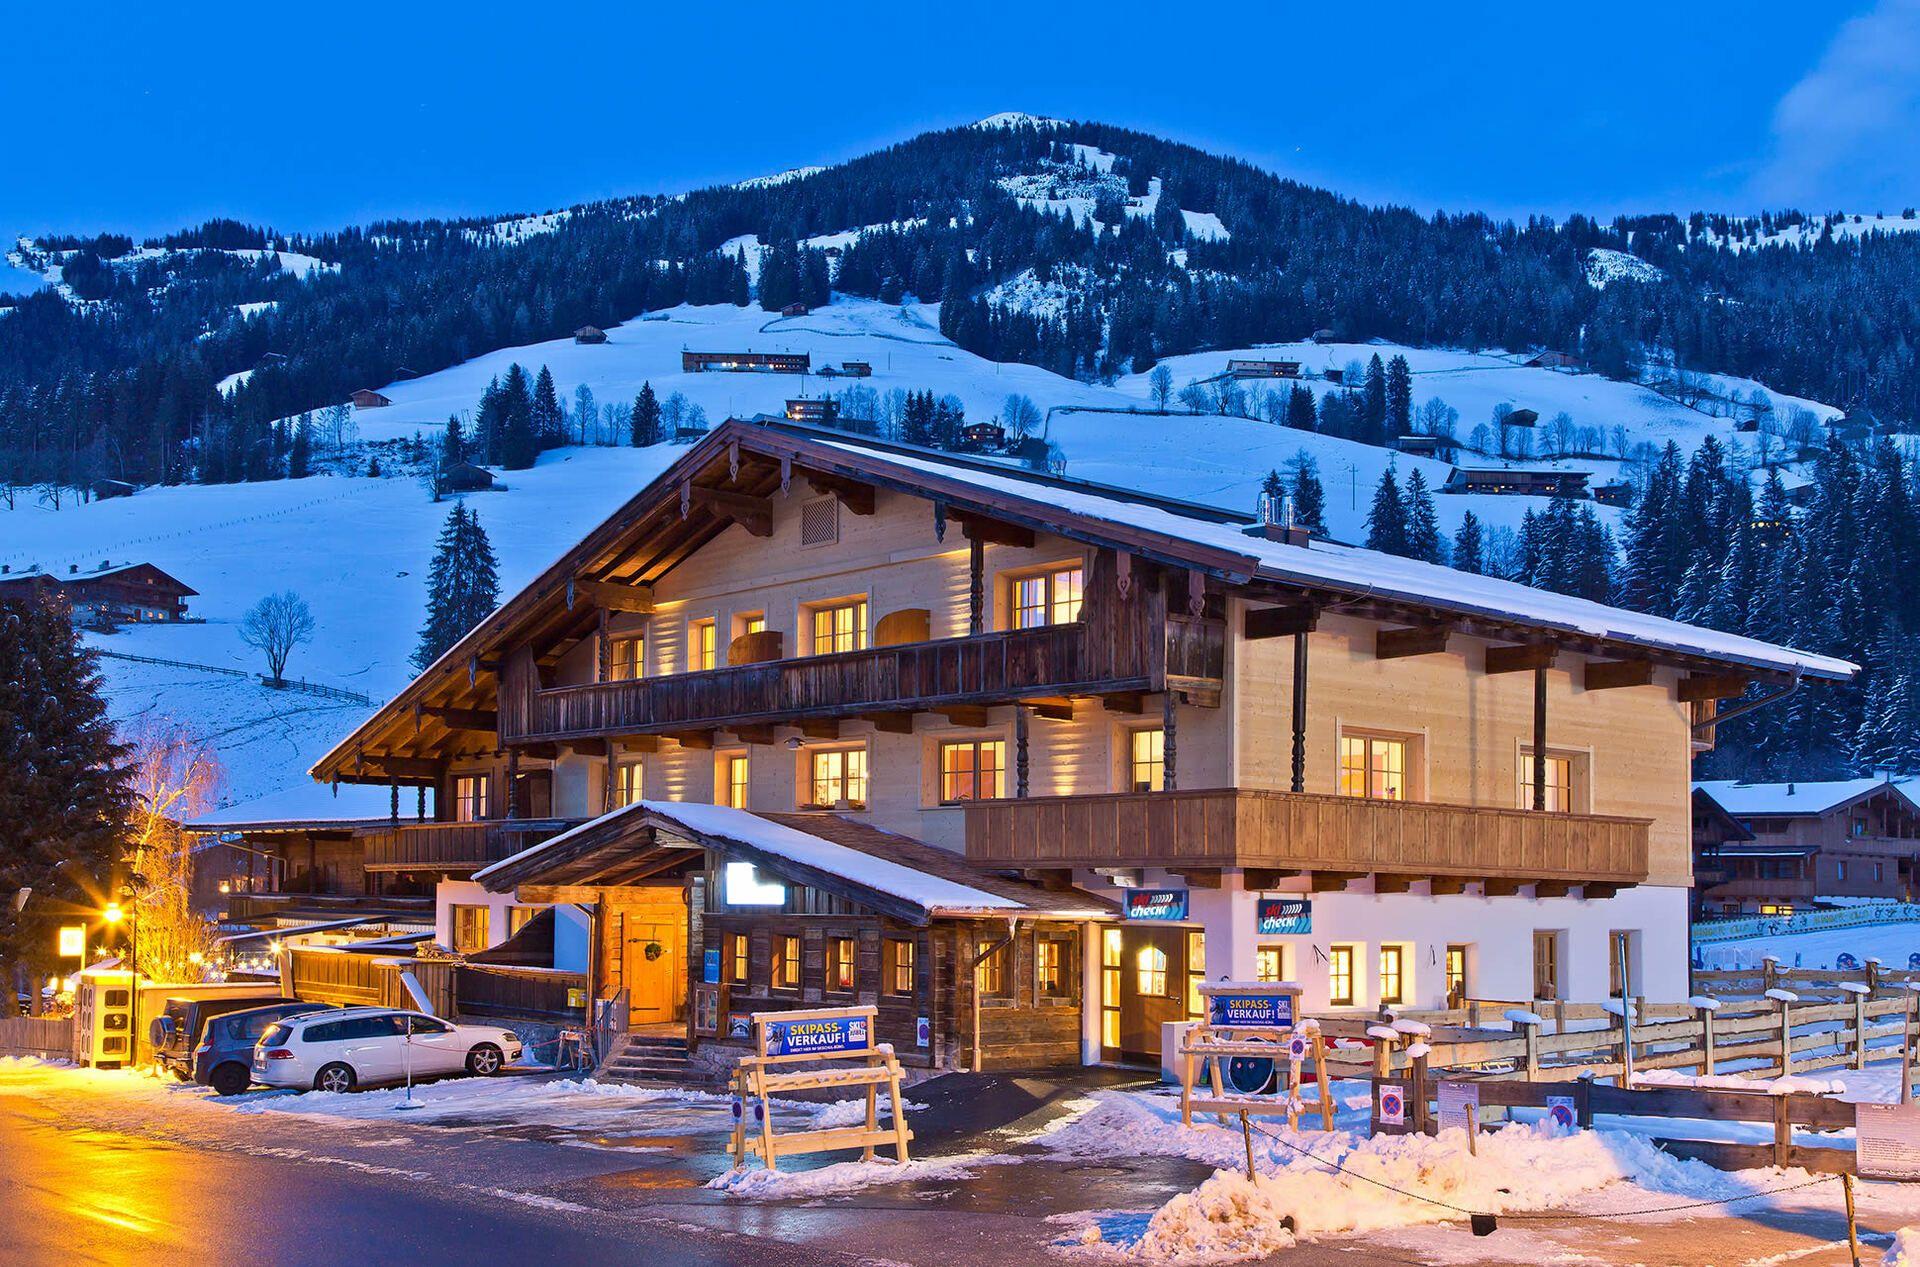 skiCHECK Alpbach